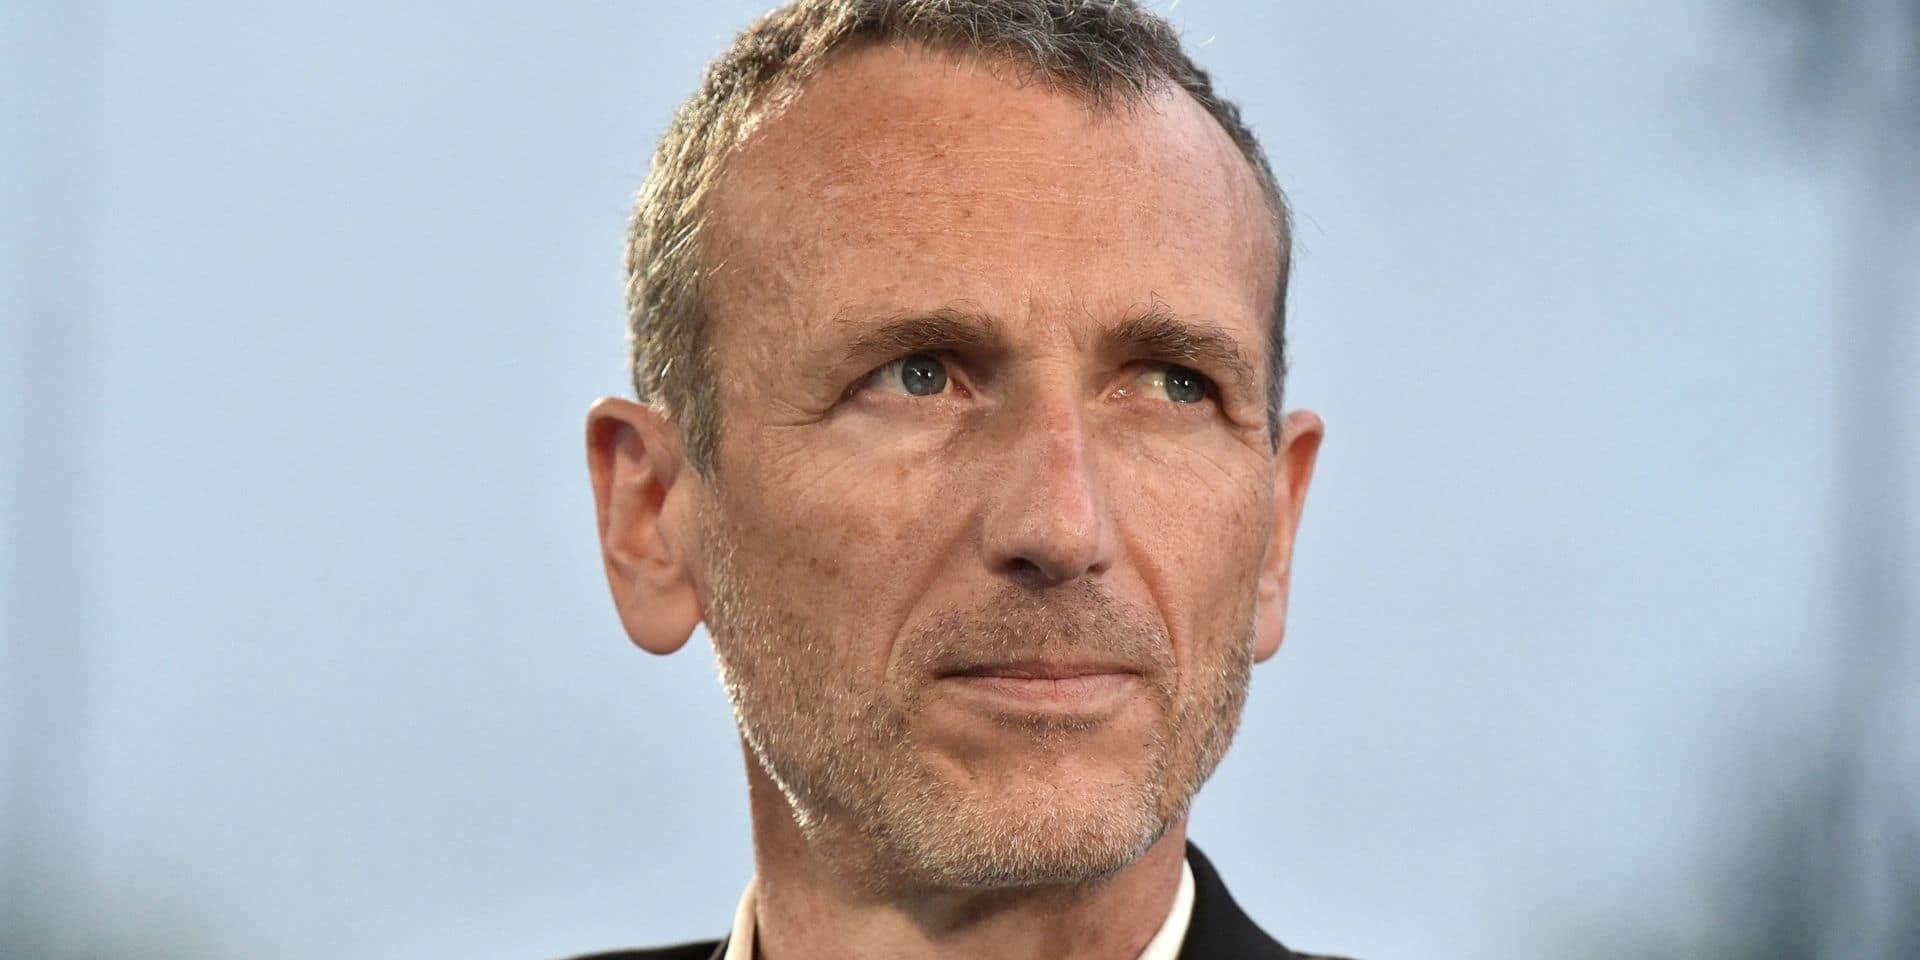 L'éviction du PDG de Danone Emmanuel Faber est un vrai gâchis